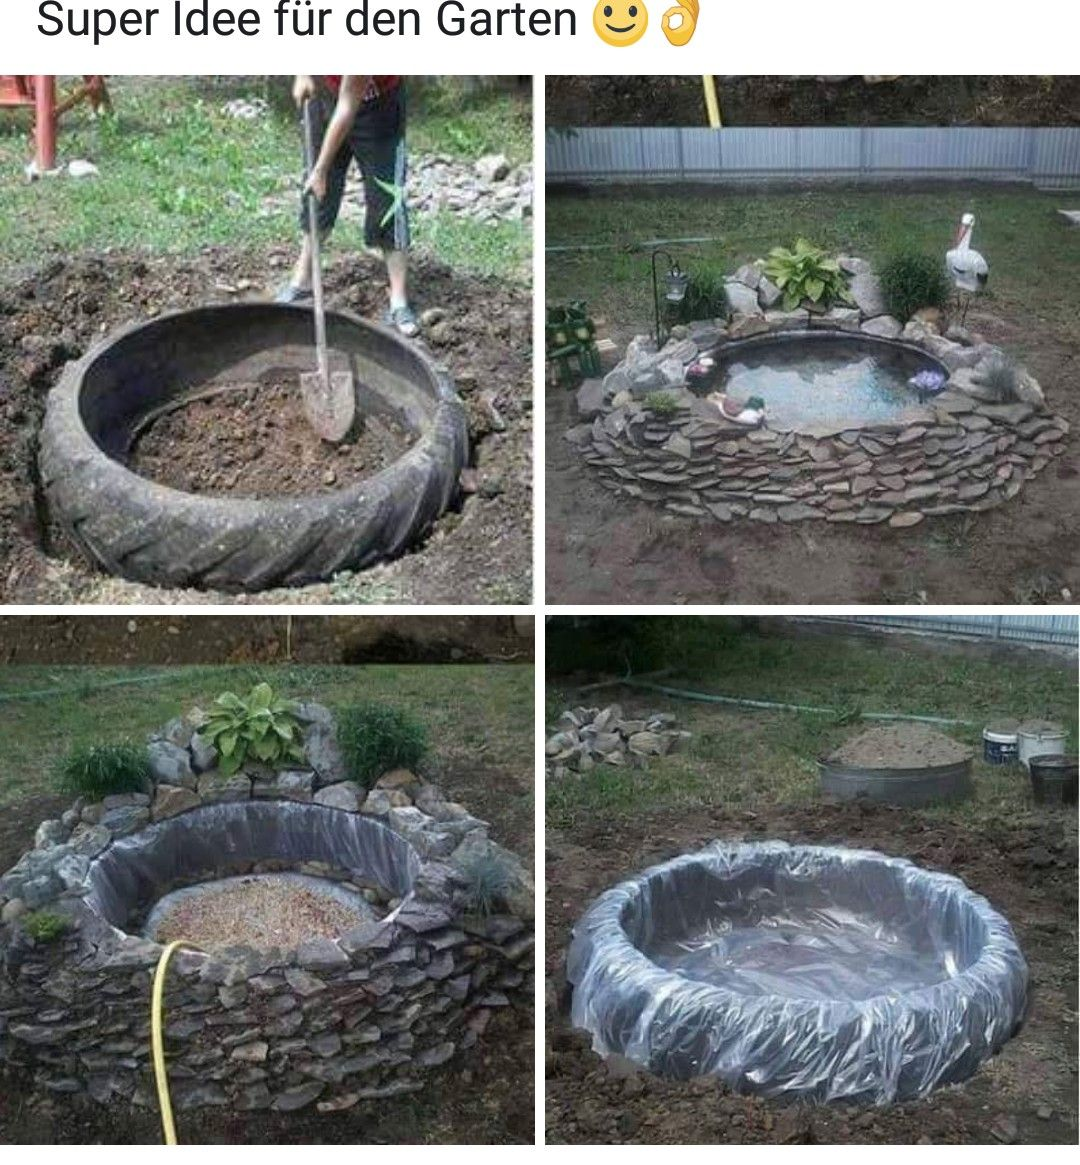 Gartenteich Aus Treckerreifen Quelle Facebook Gartenteich Reifen Teich Garten